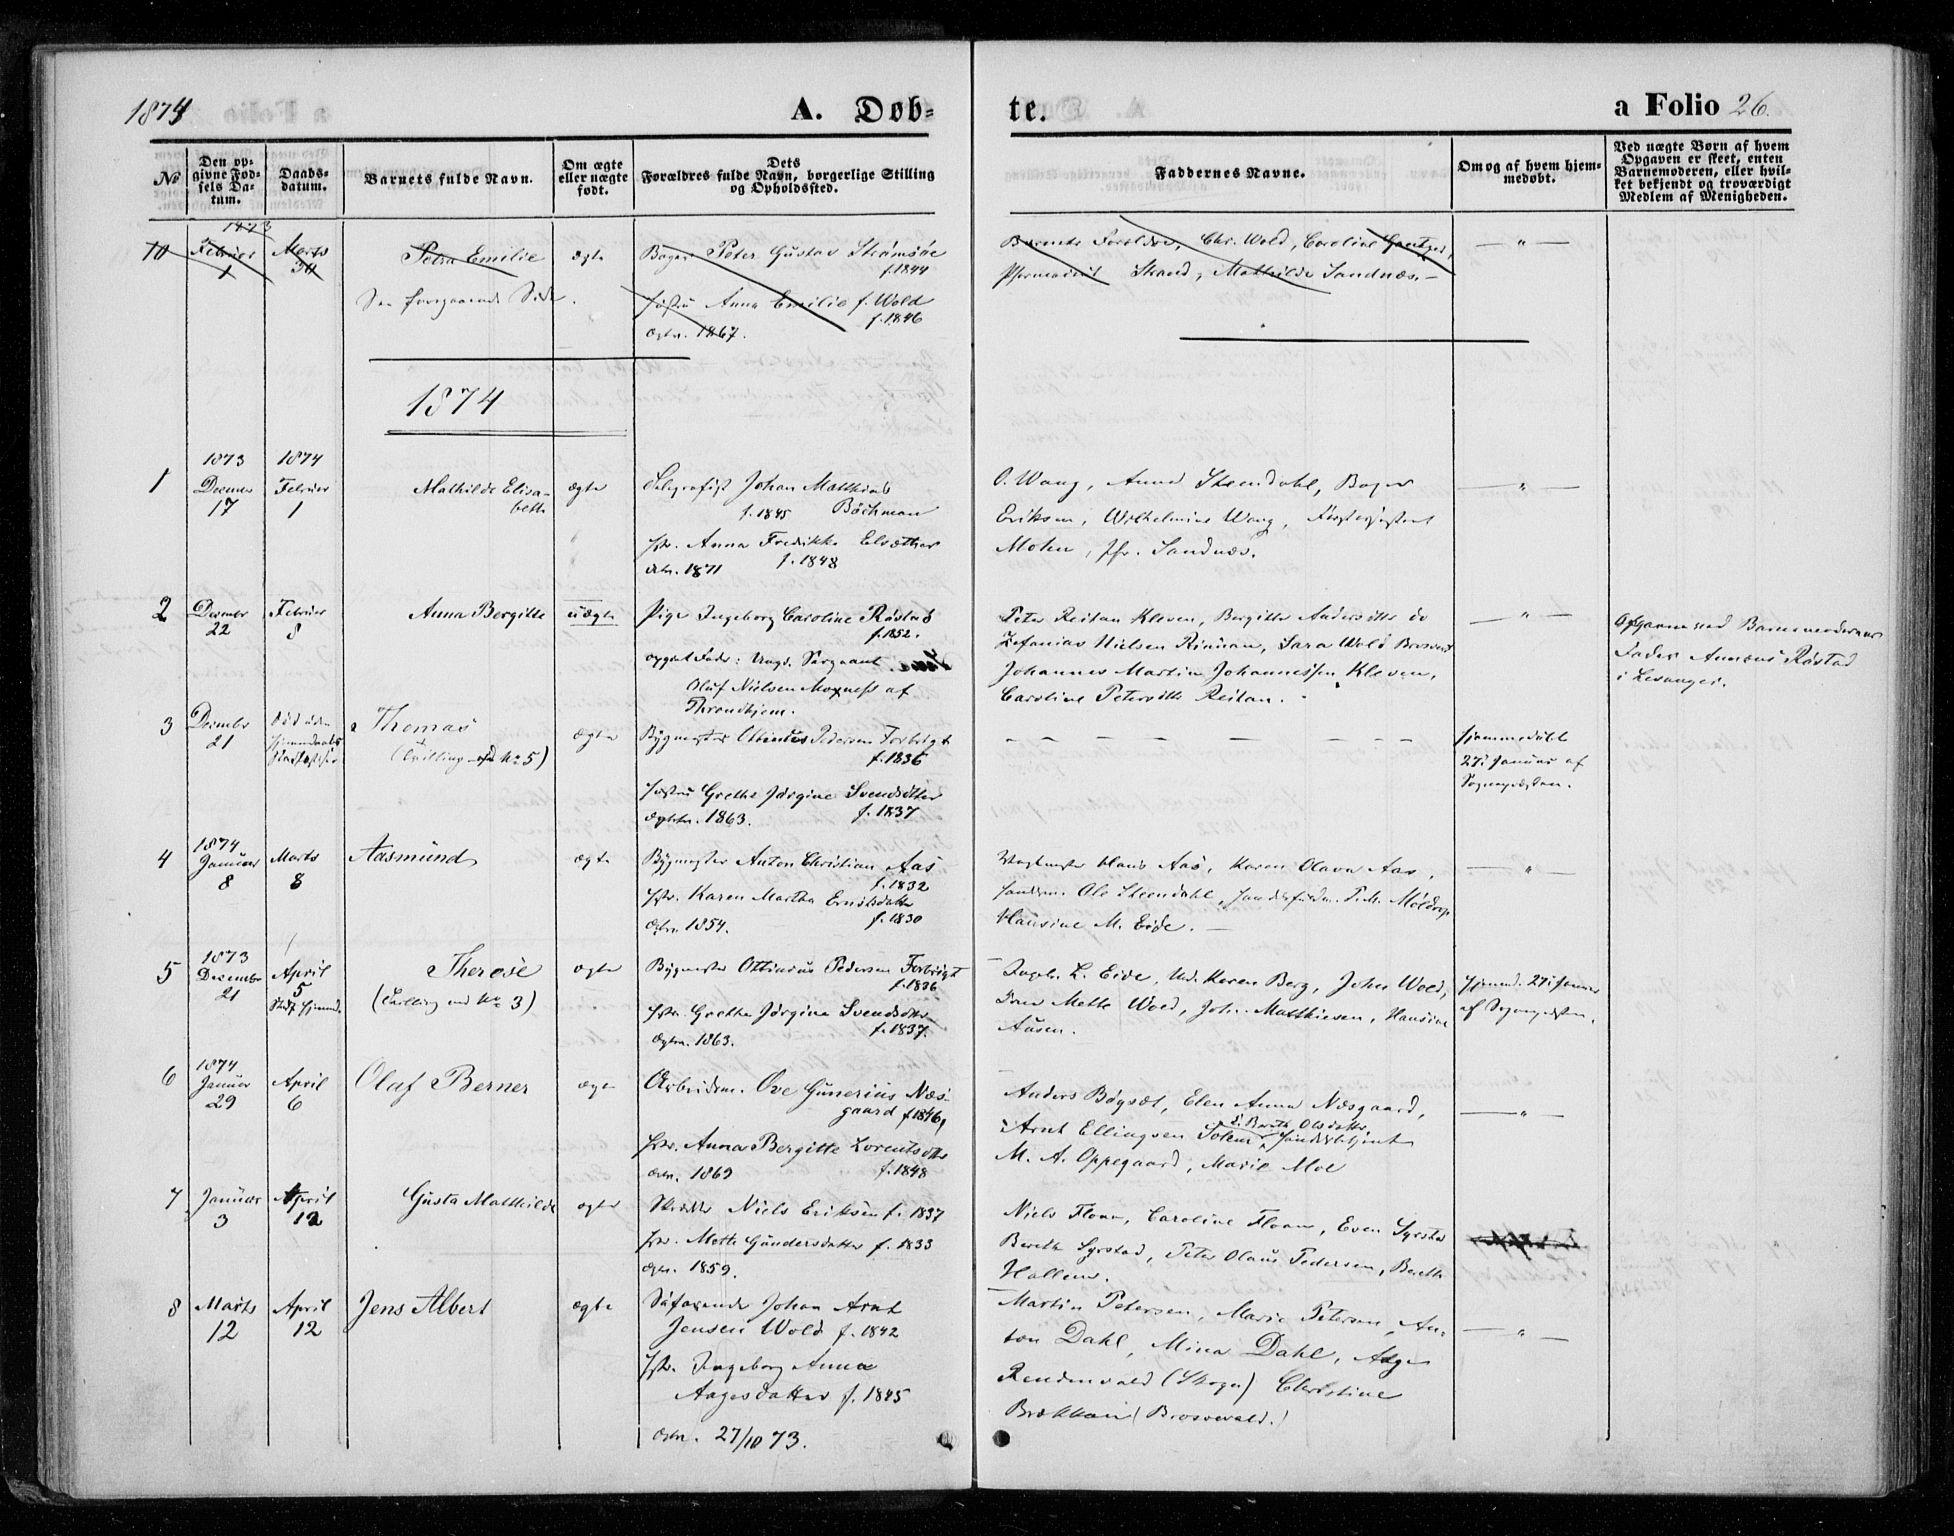 SAT, Ministerialprotokoller, klokkerbøker og fødselsregistre - Nord-Trøndelag, 720/L0186: Ministerialbok nr. 720A03, 1864-1874, s. 26